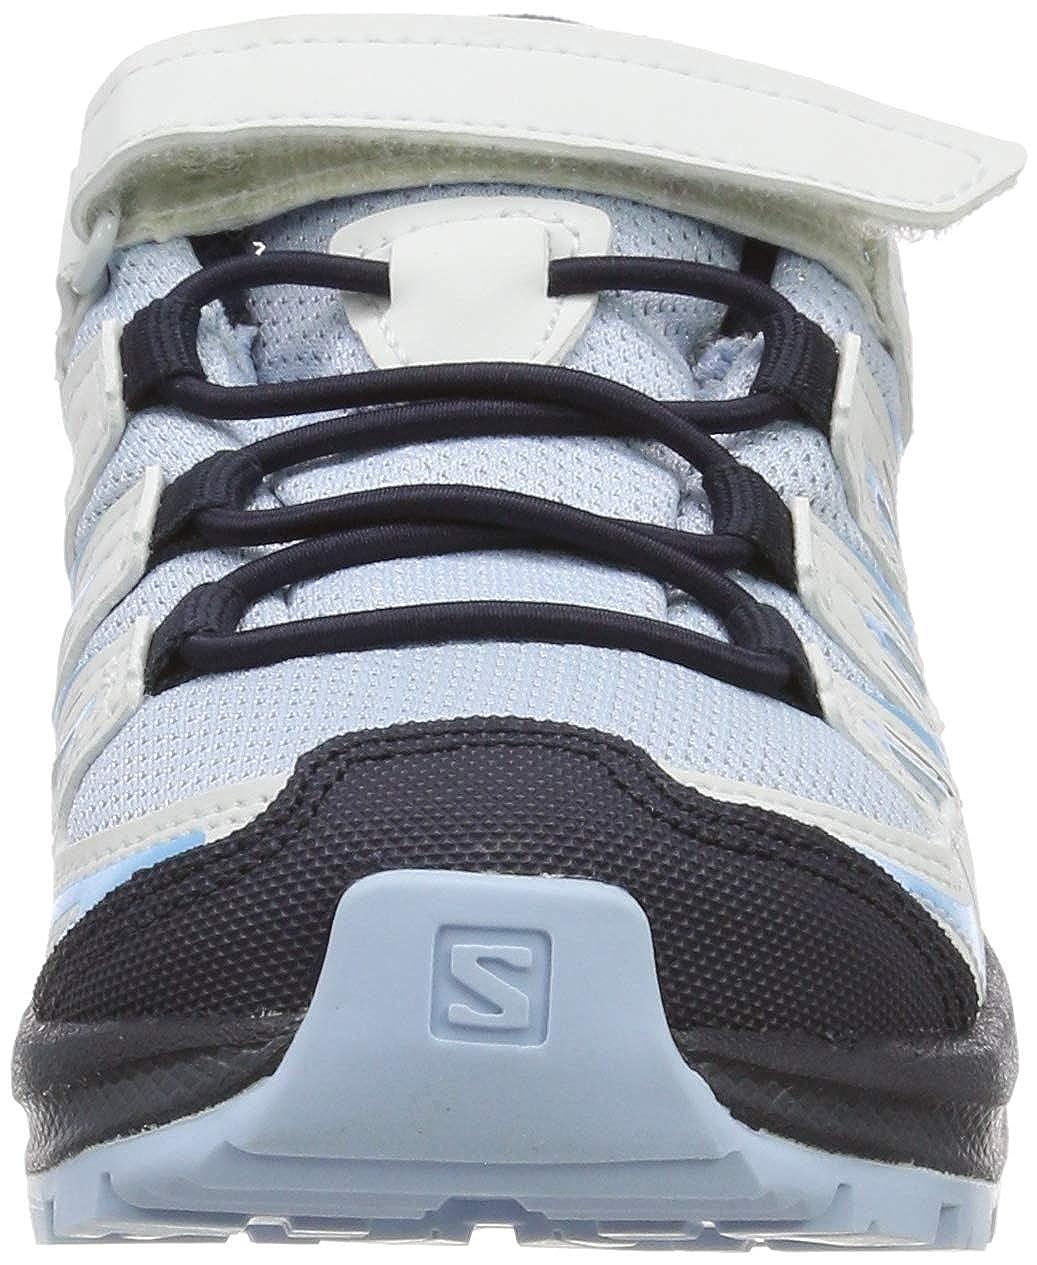 zapatillas keds de mujer 4x4